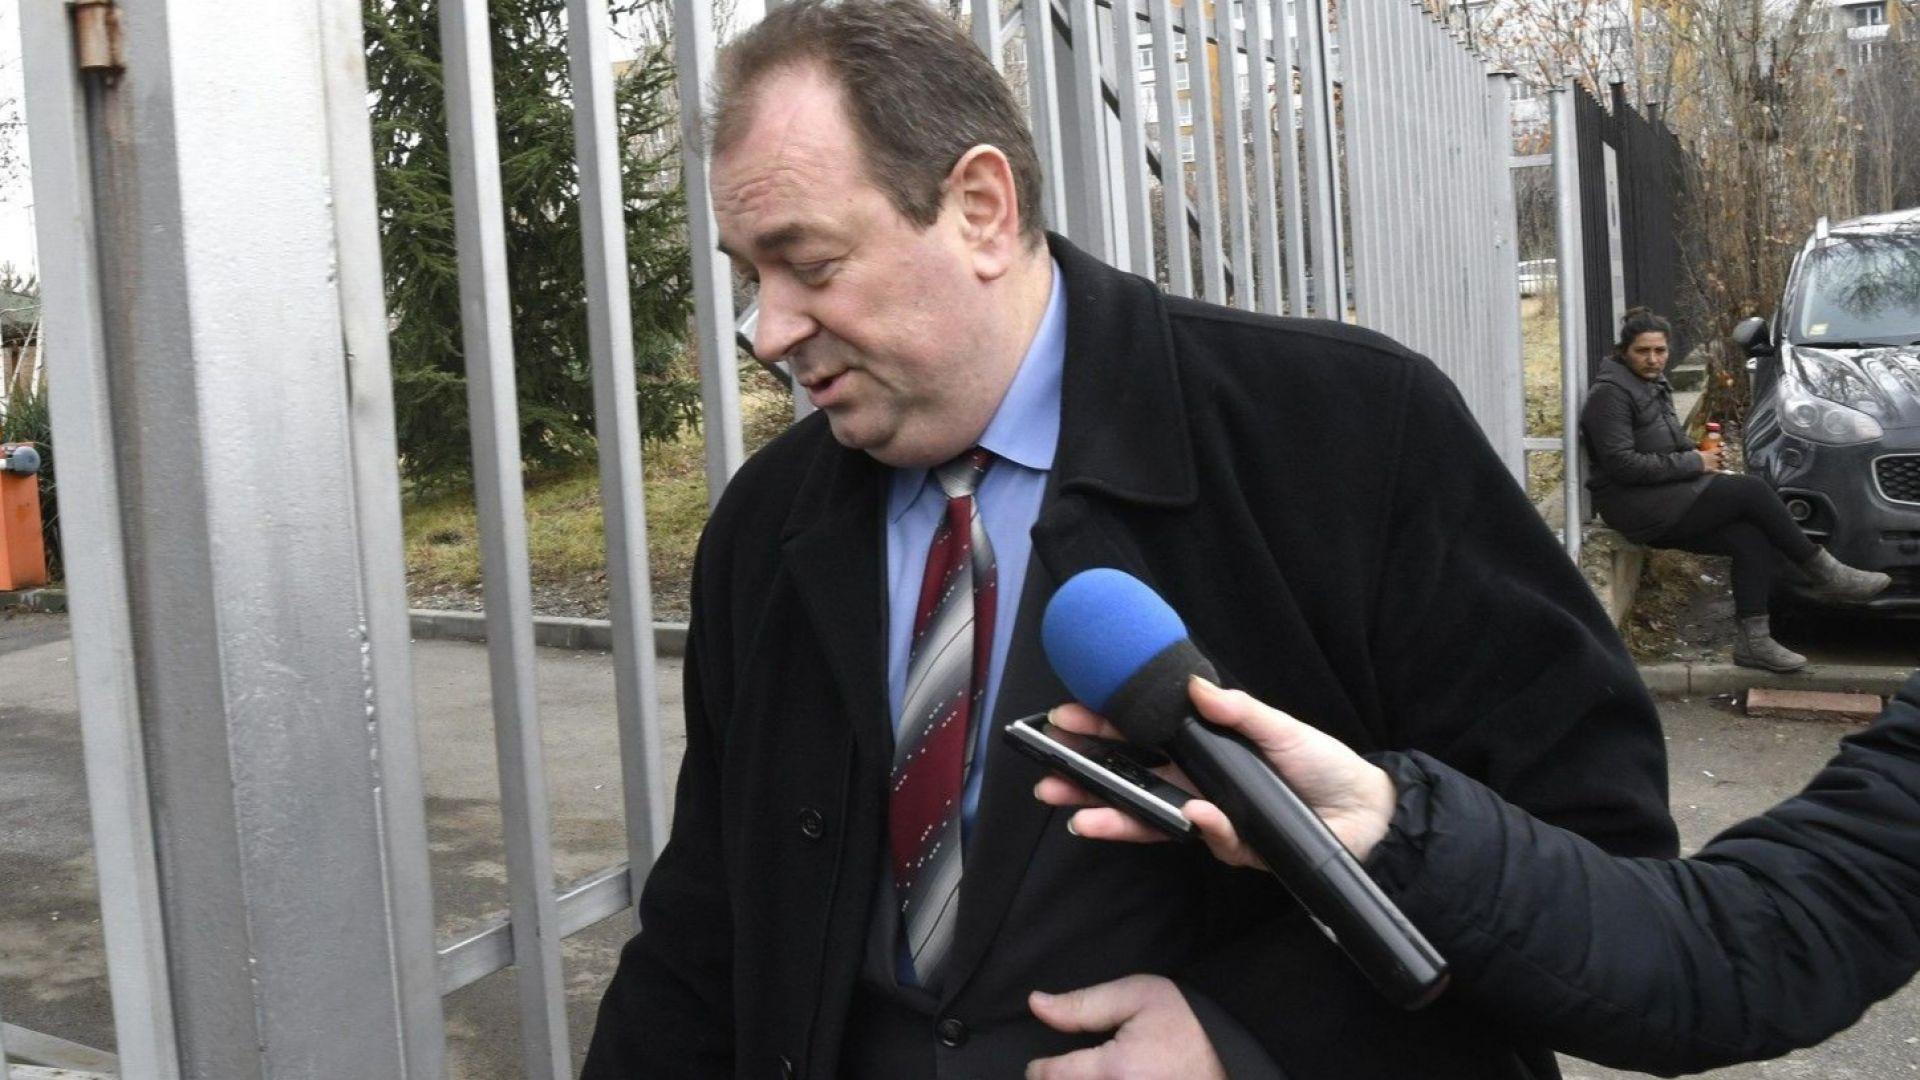 Директор от КТБ: Обвиняват ме за кредит, част от който бил стигнал до Елена Йончева